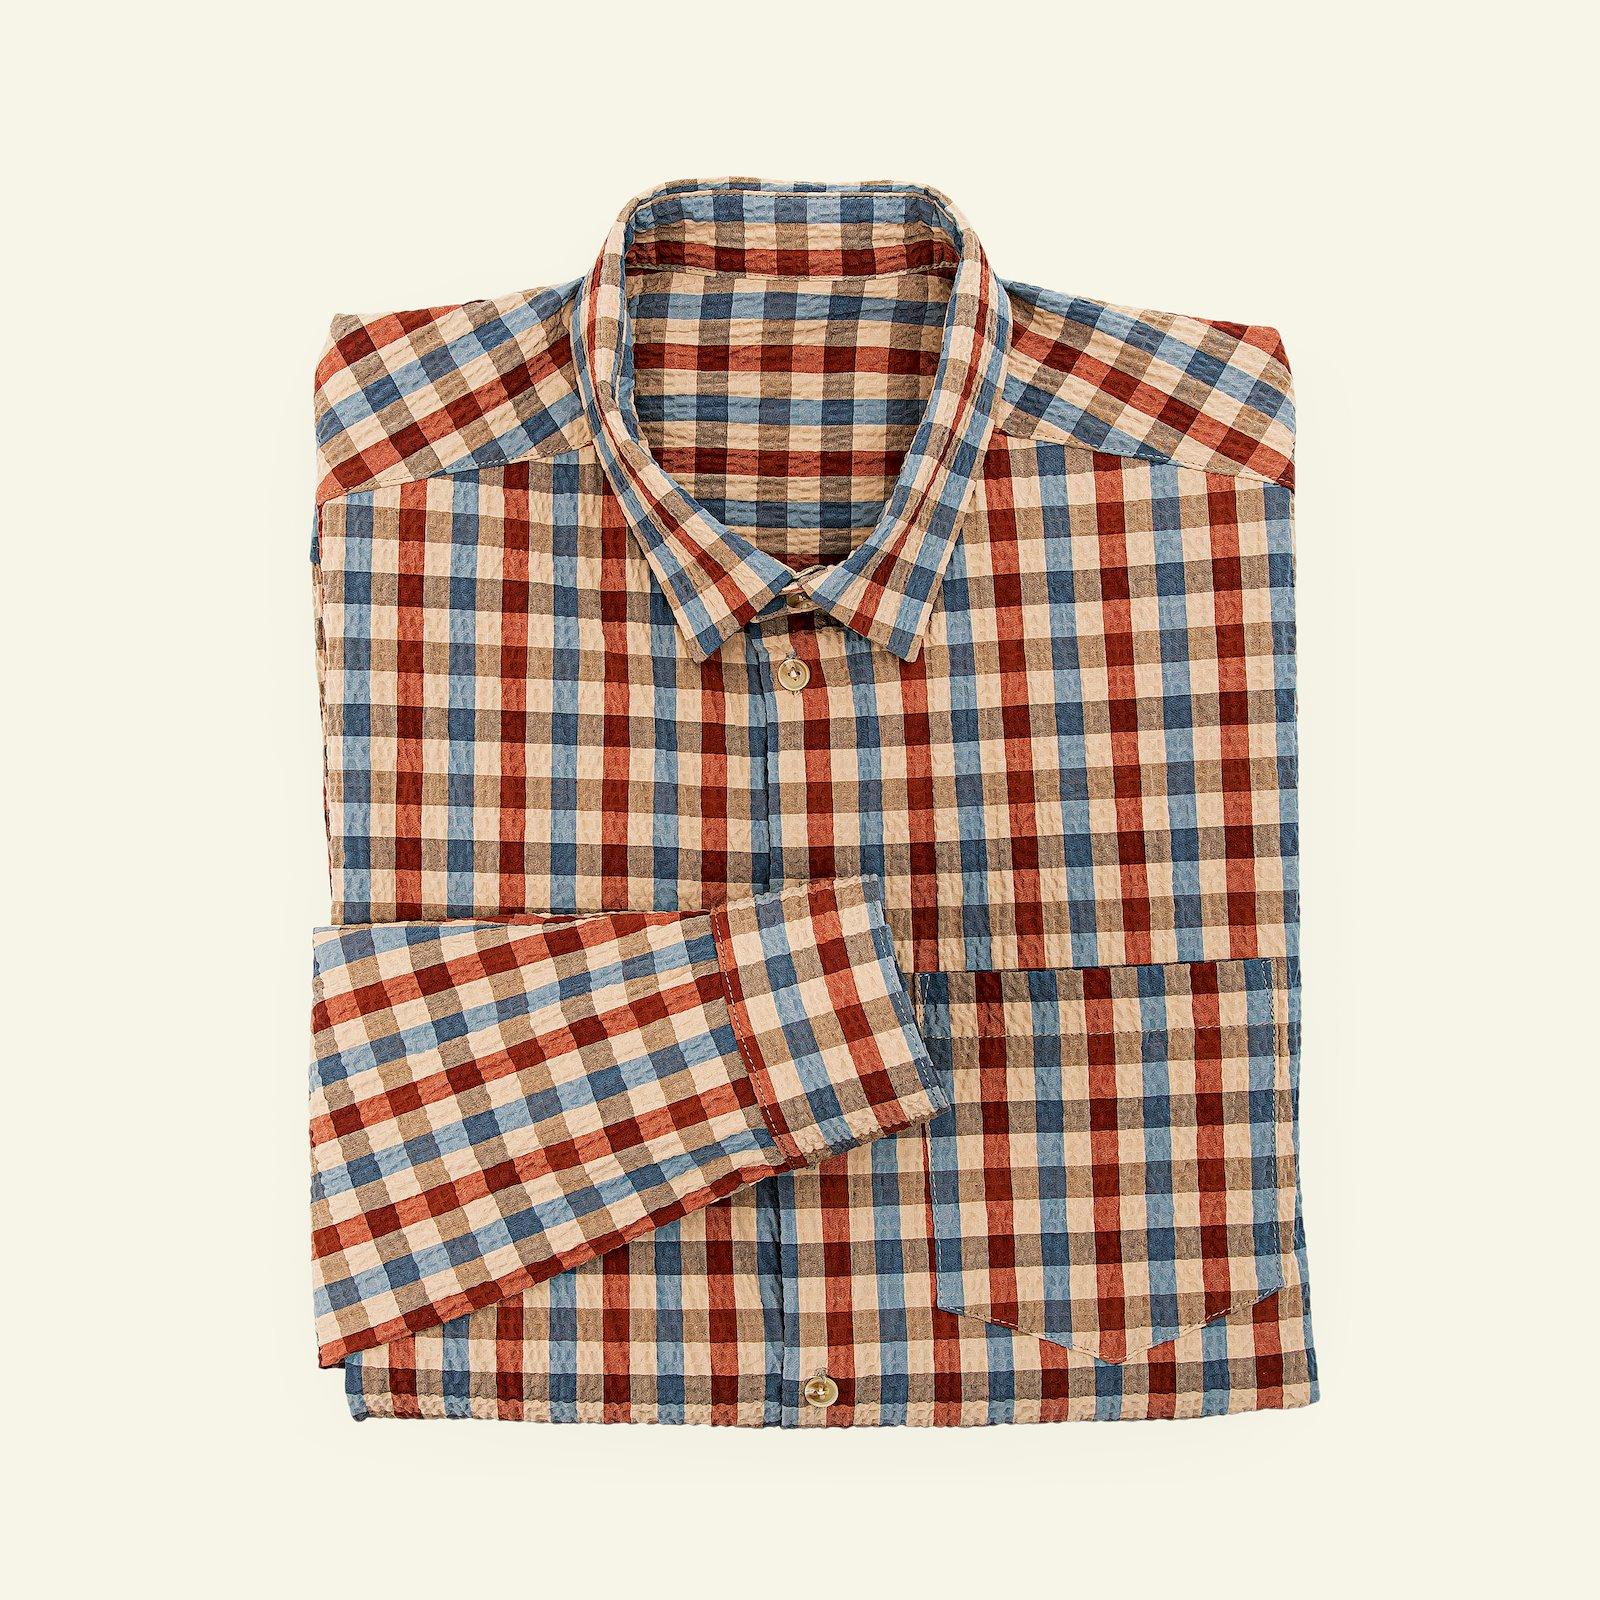 Shirt, XXL p87001_501898_40228_sskit